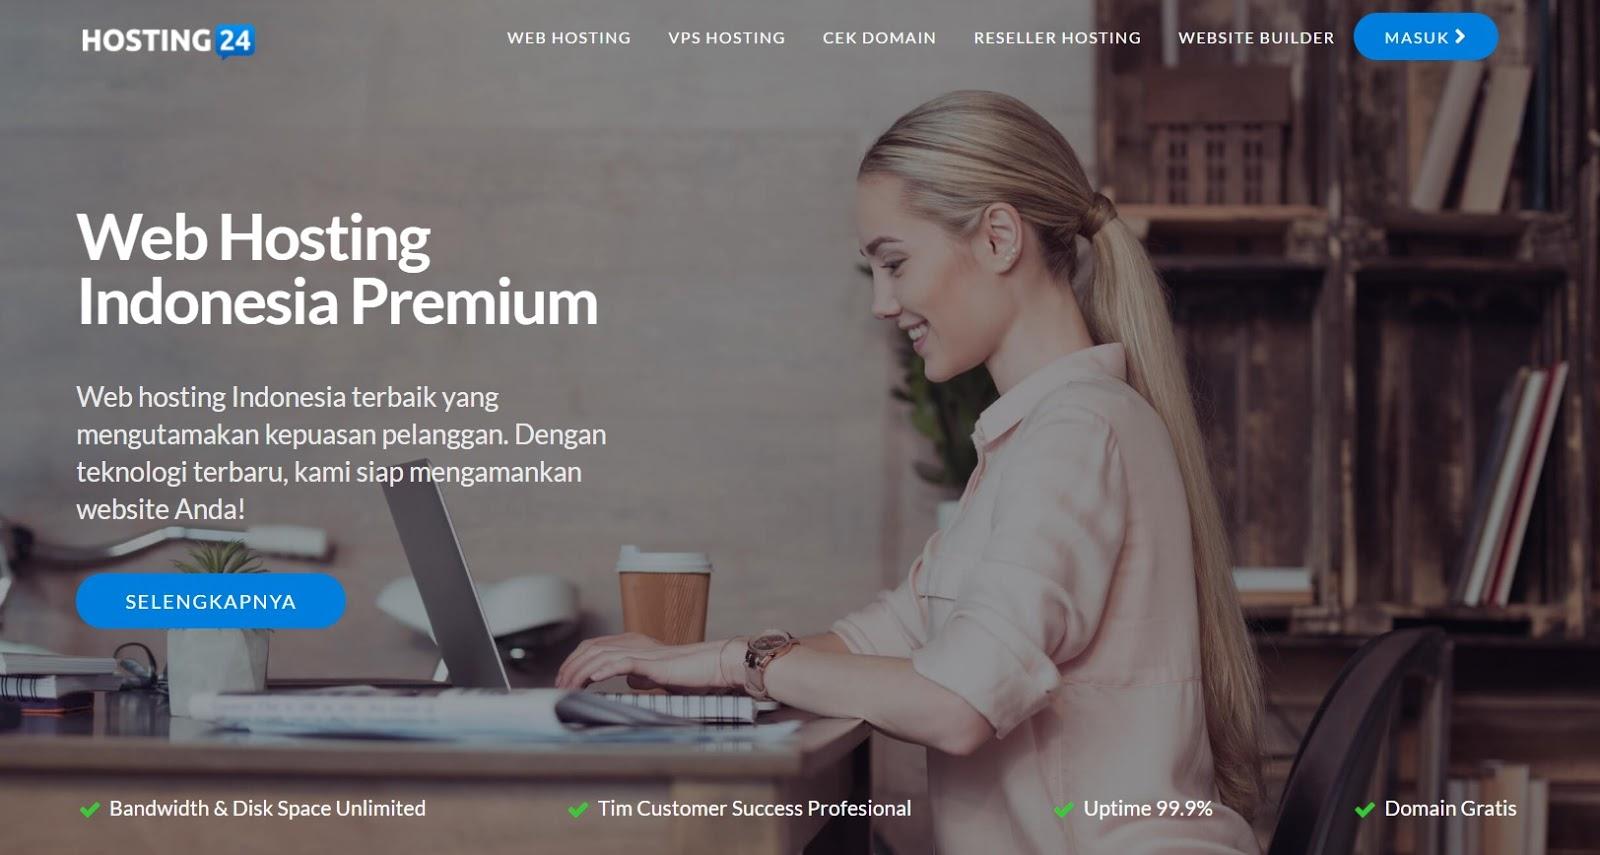 Hosting24 Layanan Web Hosting Indonesia Yang Menyediakan Hosting Premium